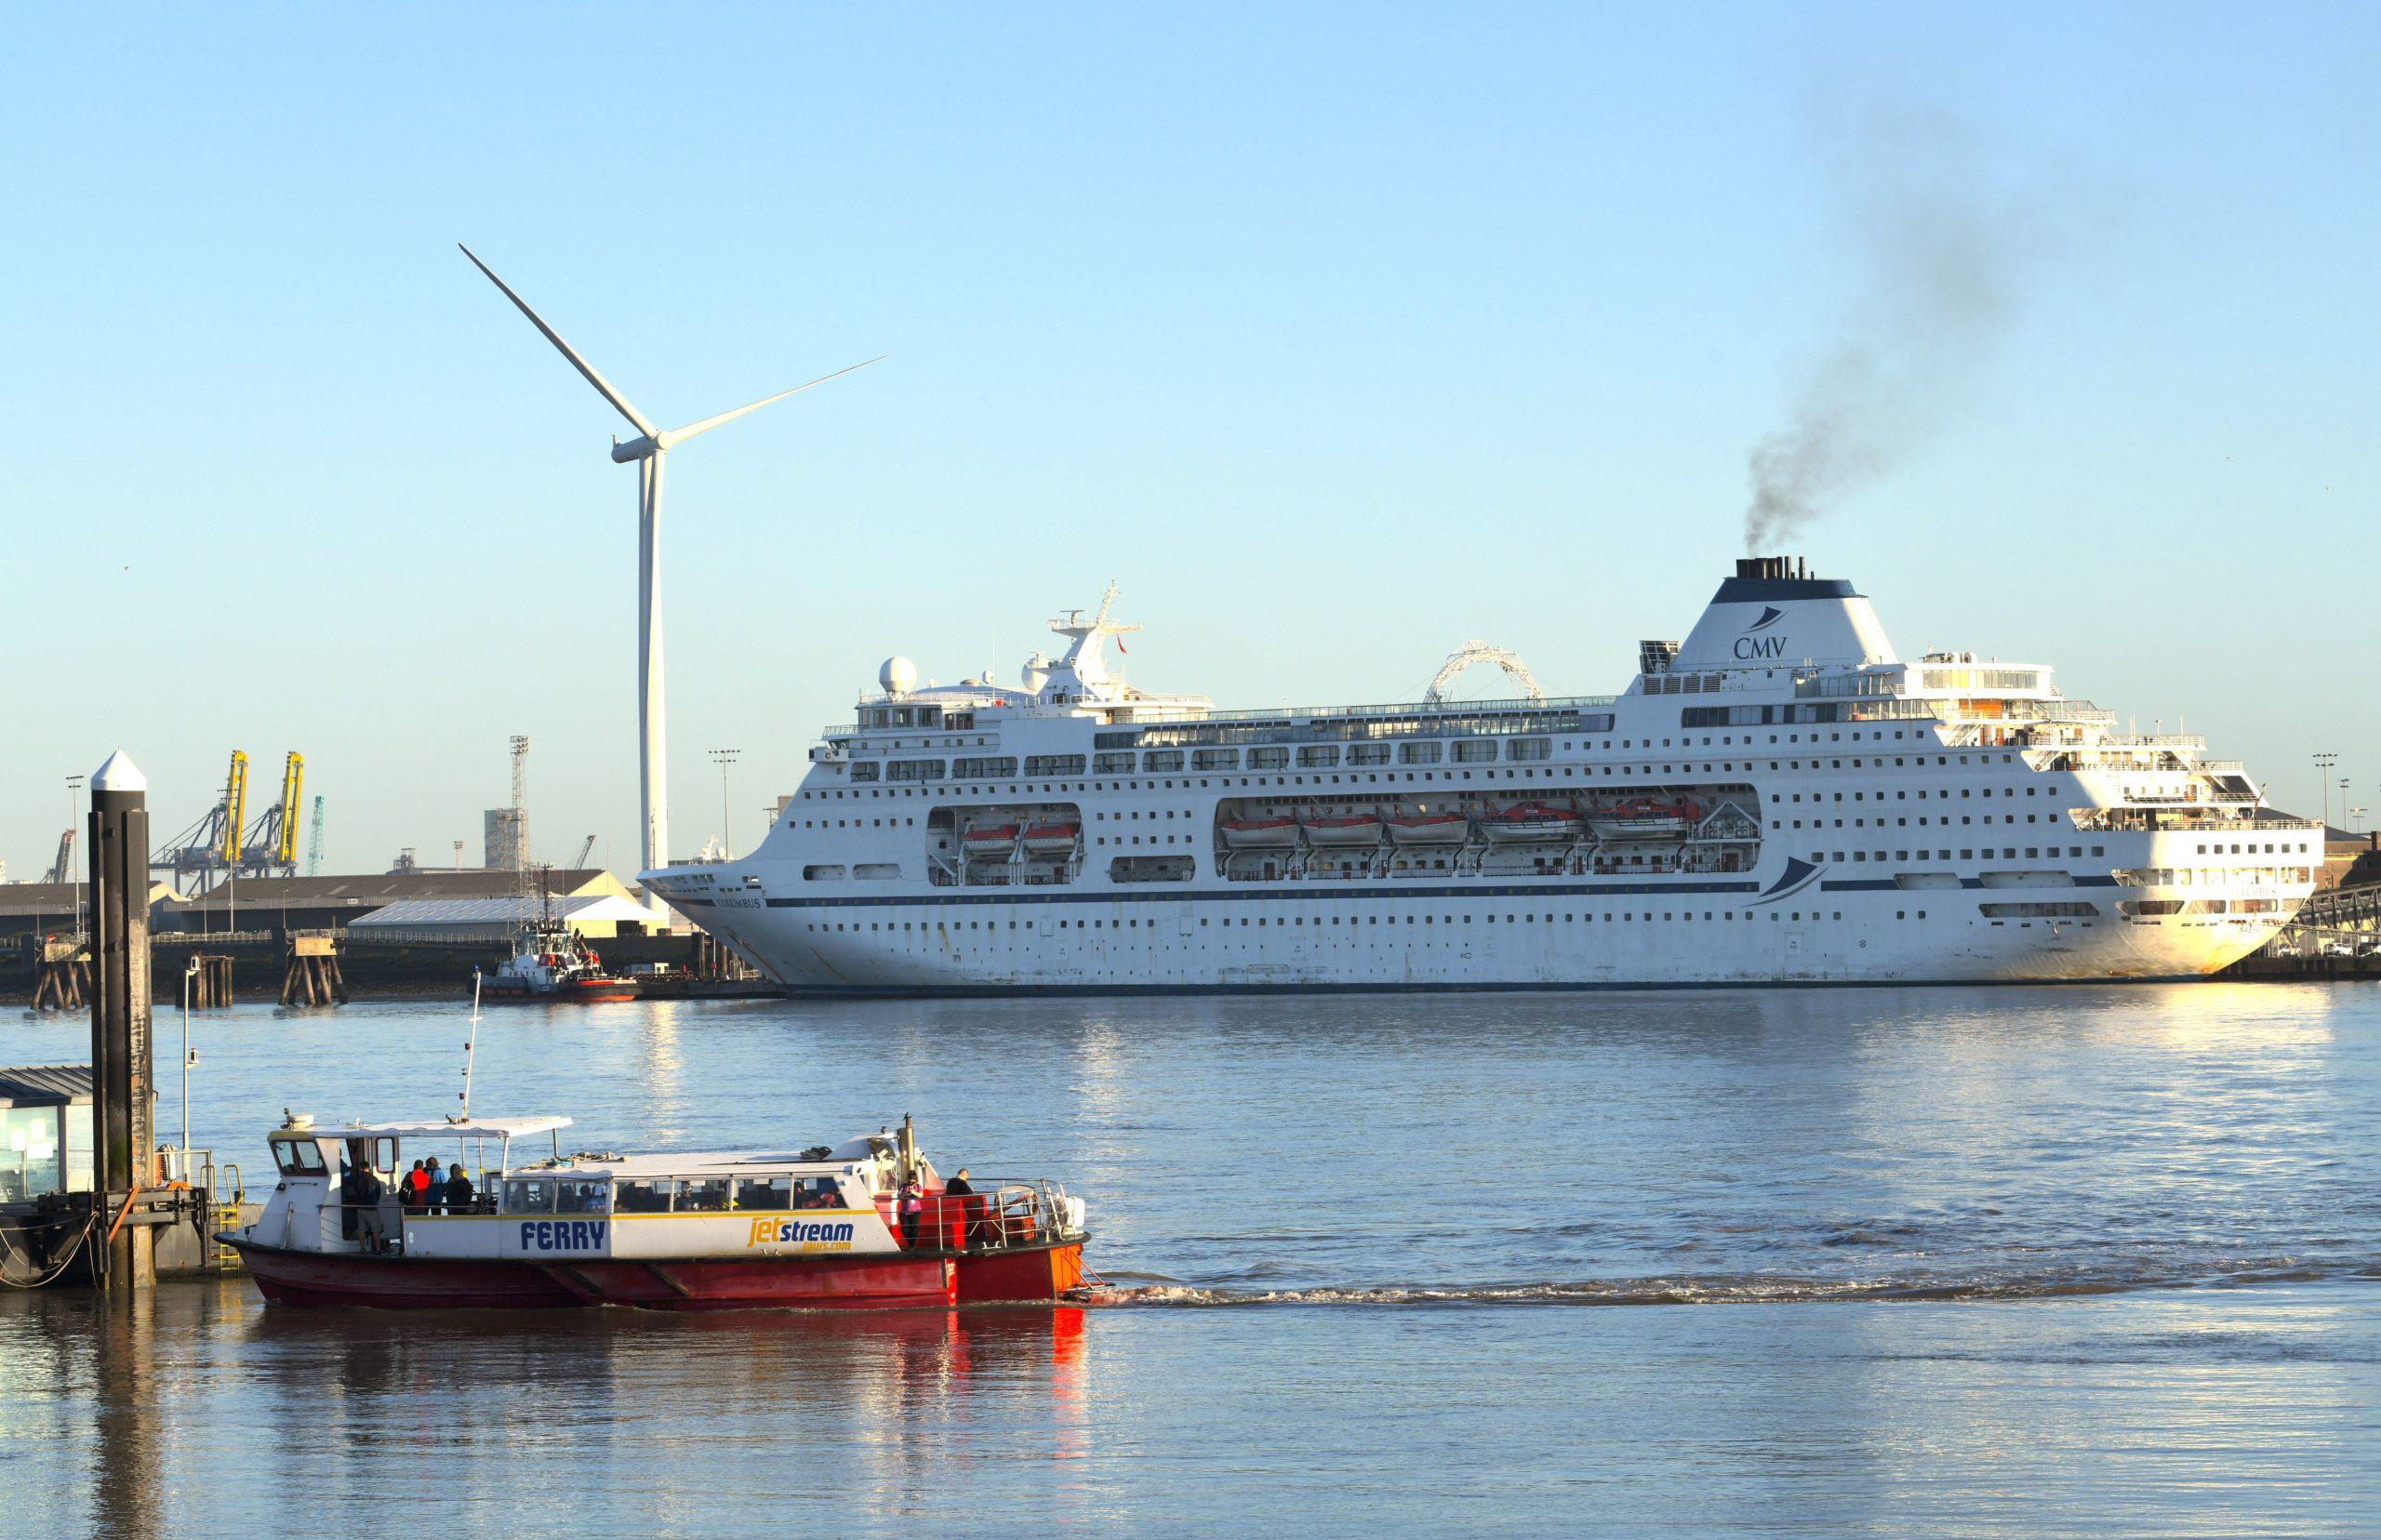 Image shows CMV cruise ship Columbus furloughed at London International Cruise Terminal.